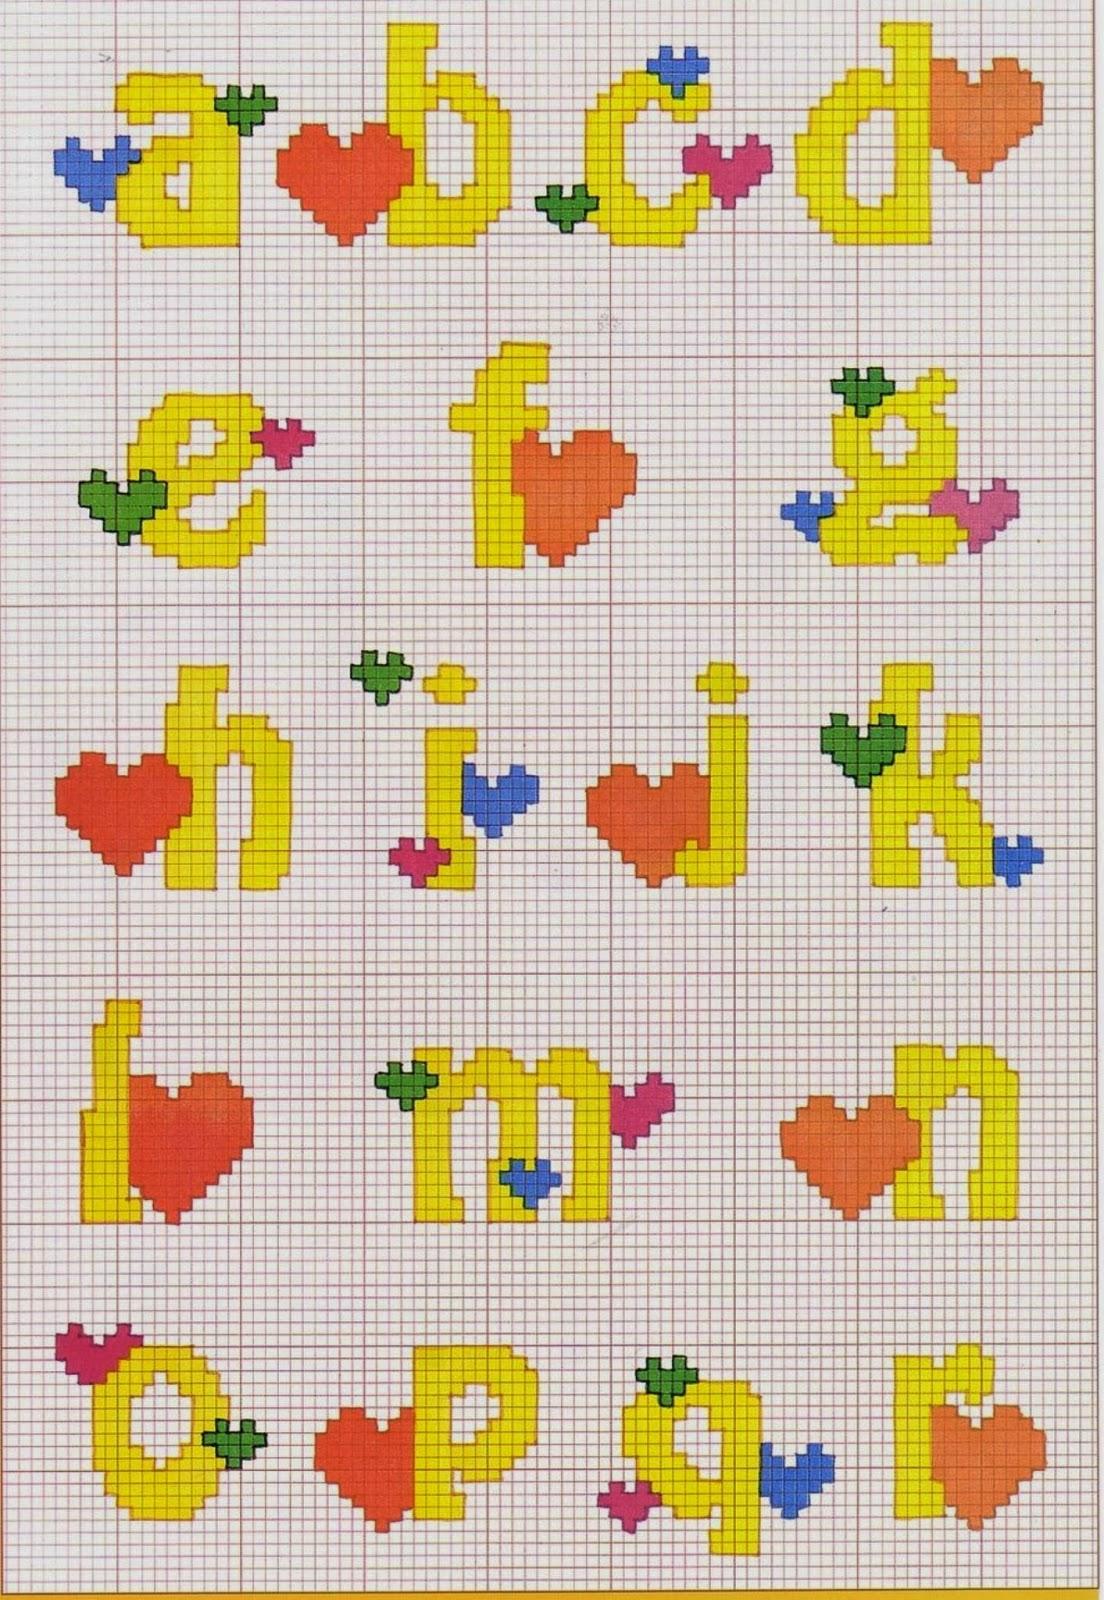 Professione donna schemi a punto croce alfabeto con i - Disegni a punti ...